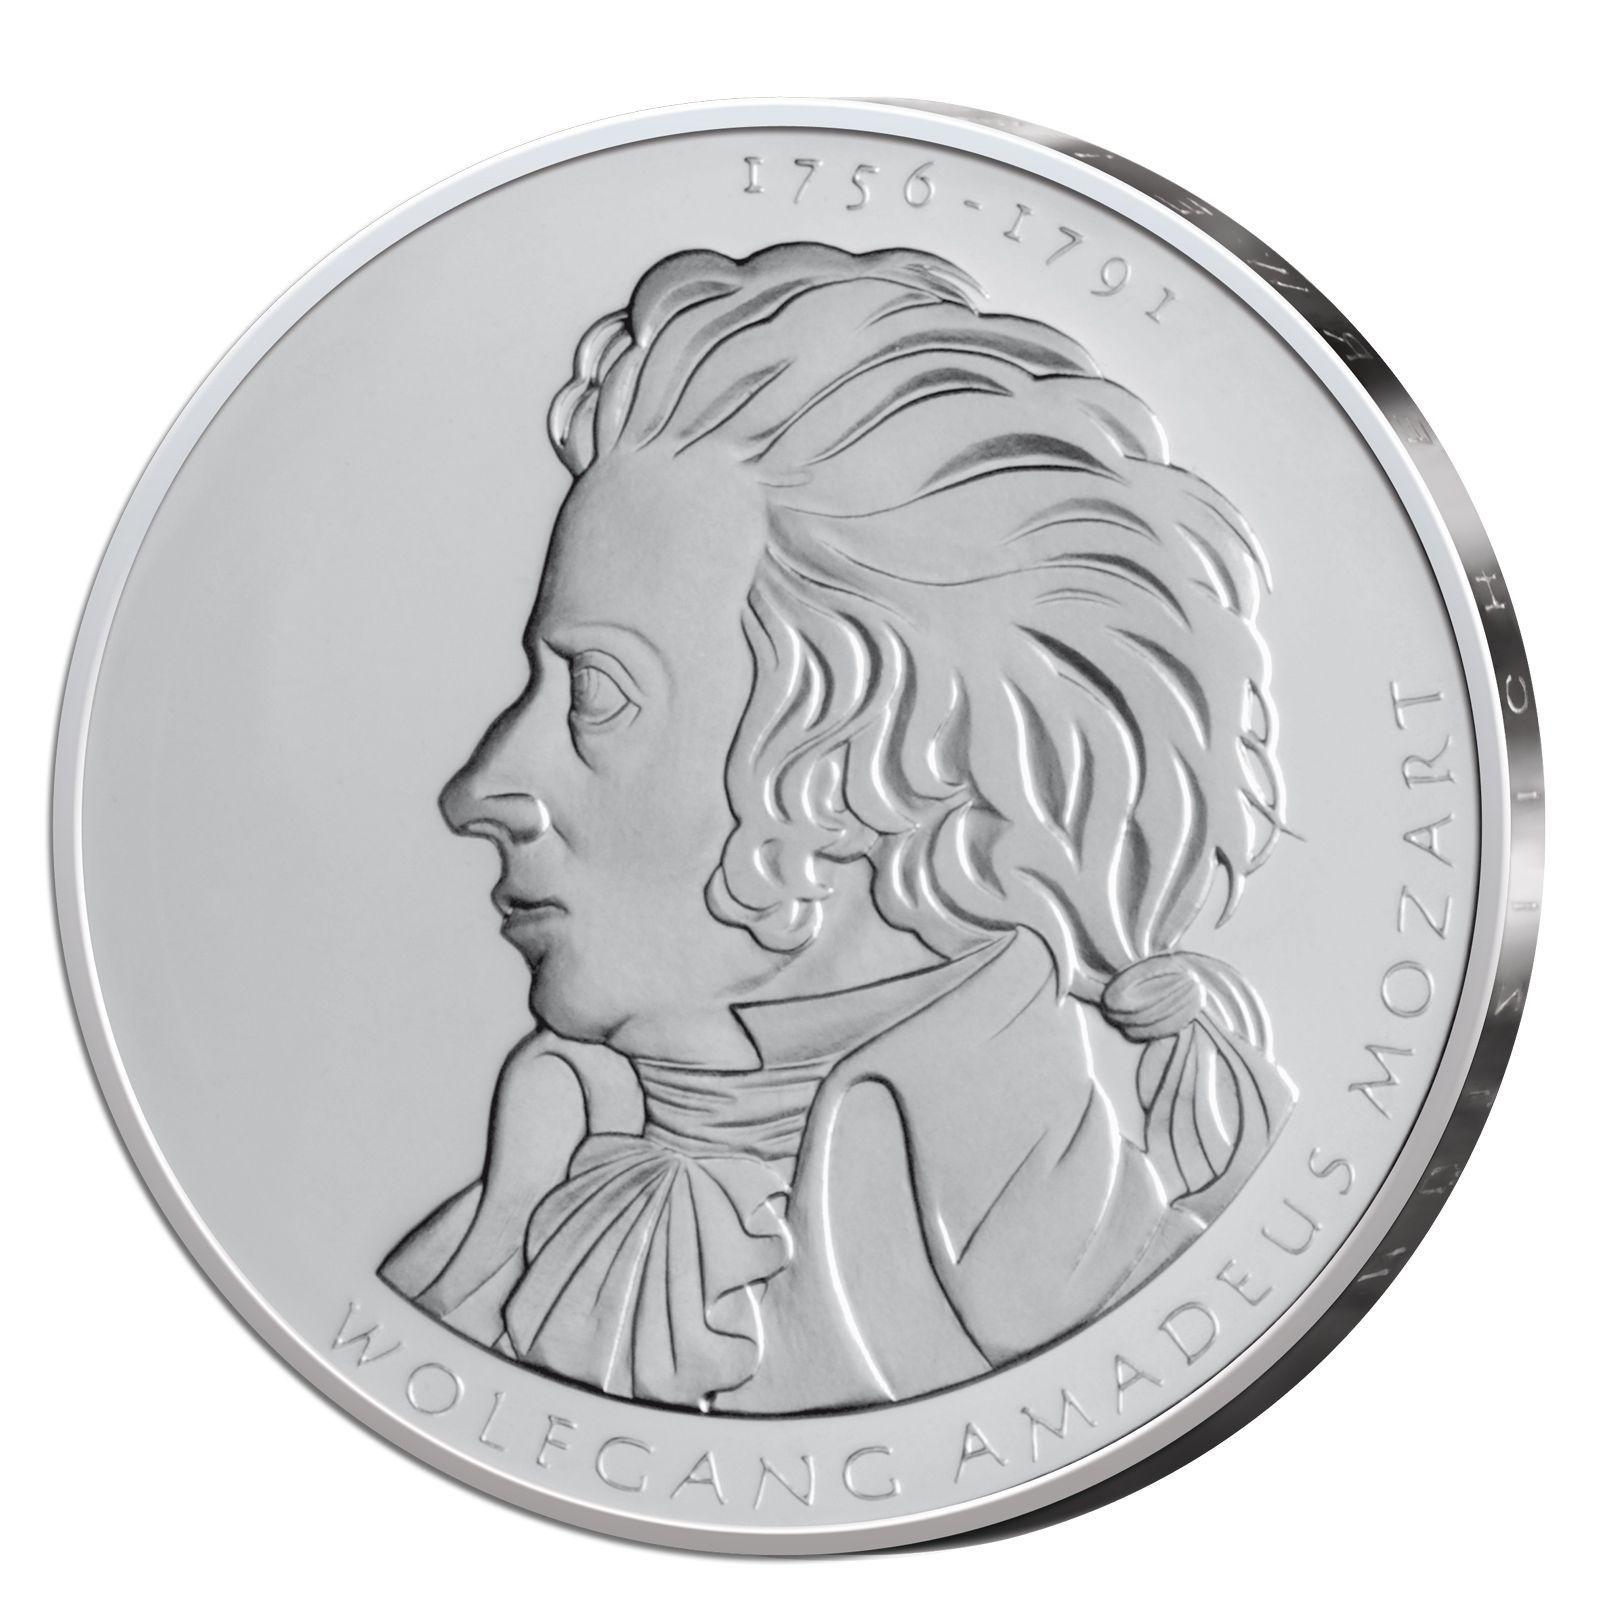 Details Zu Silbermünze Brd 10 Euro 2006 Wolfgang Amadeaus Mozart